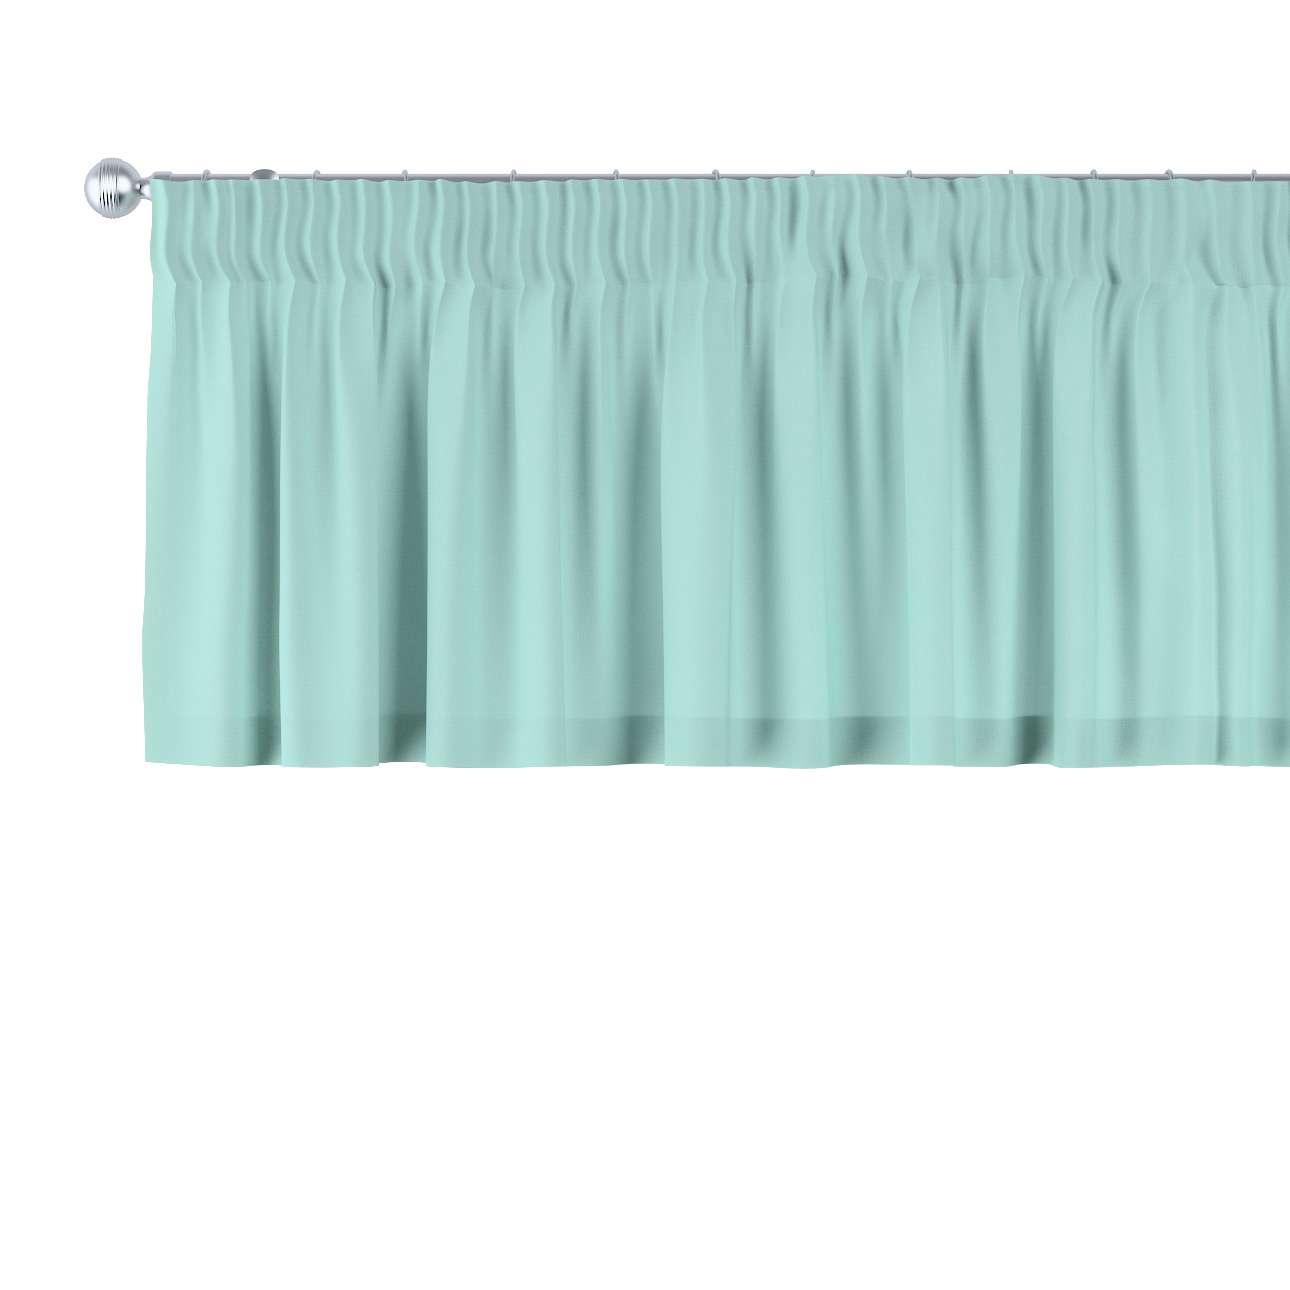 Gardinkappa med rynkband 130 x 40 cm i kollektionen Loneta , Tyg: 133-32